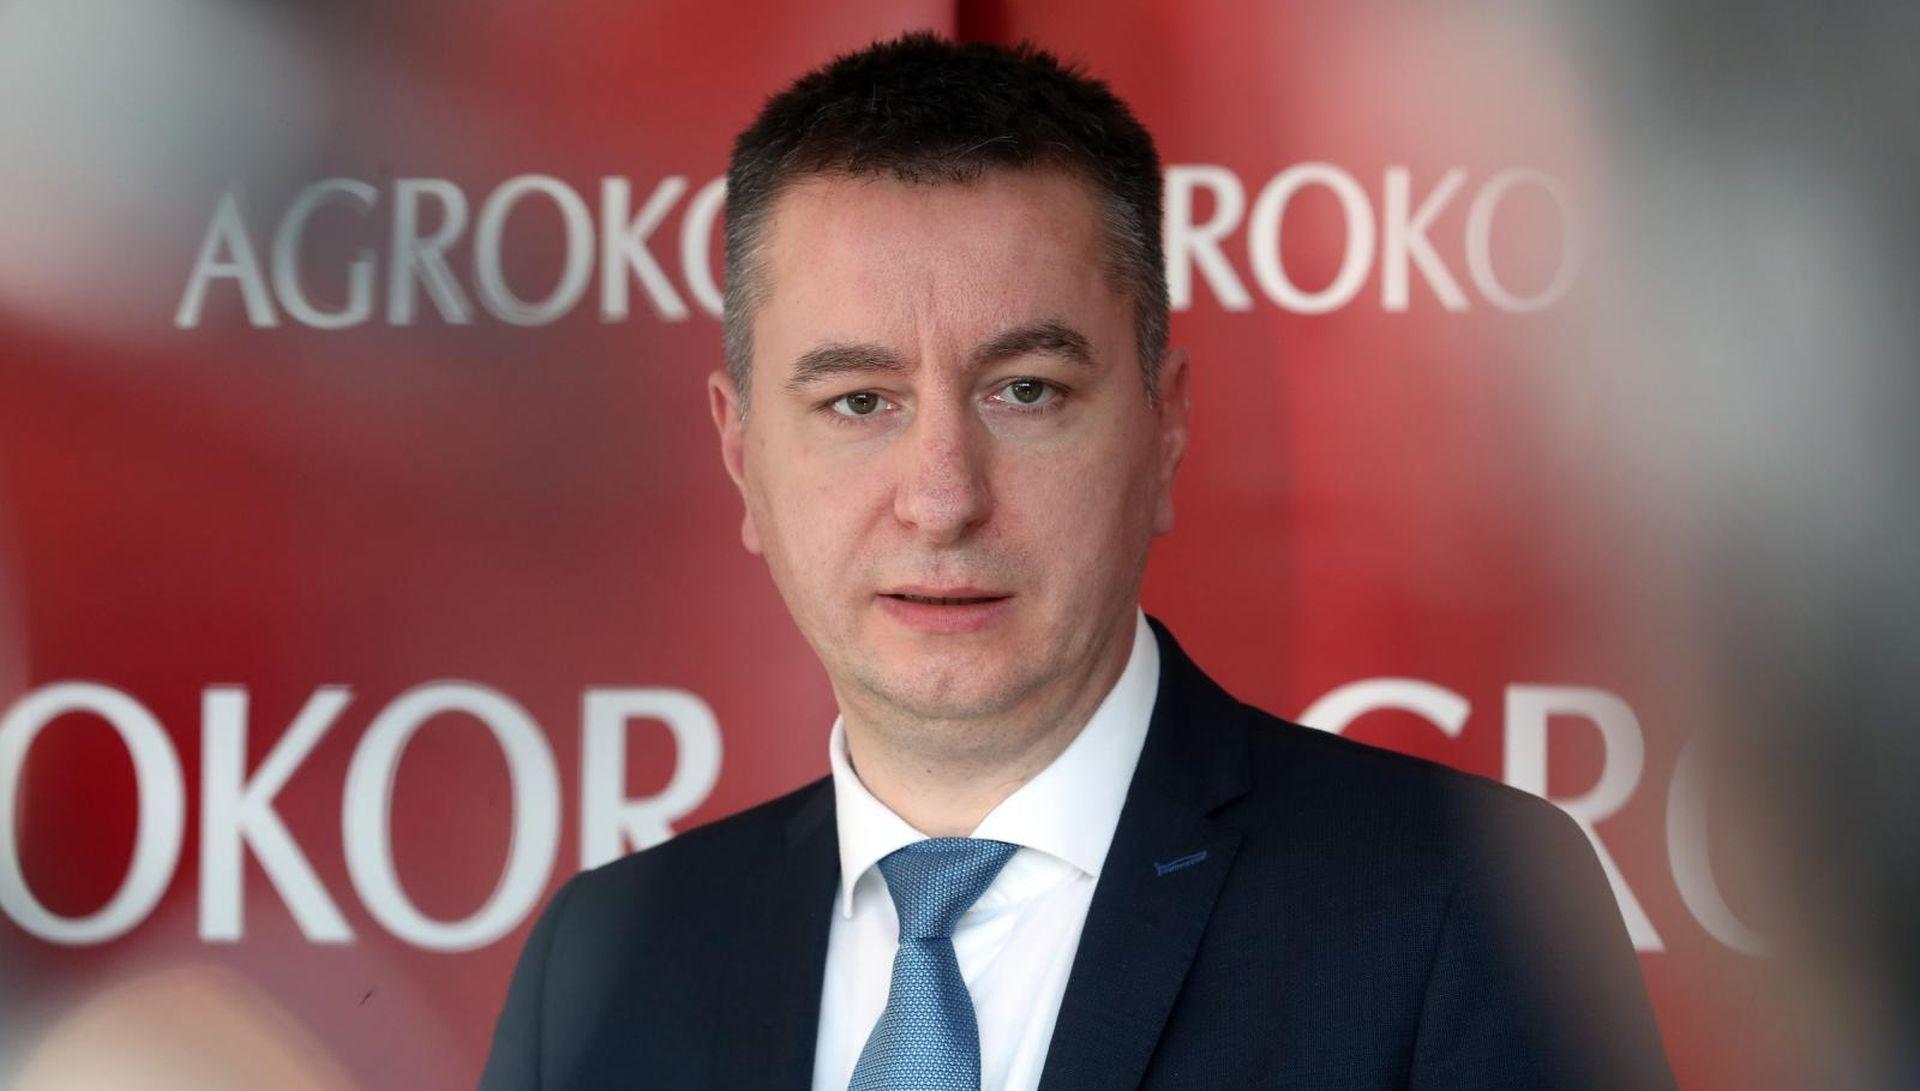 AGROKOR Peruško predlaže smjene Mislava Galića i Dražena Kocijana